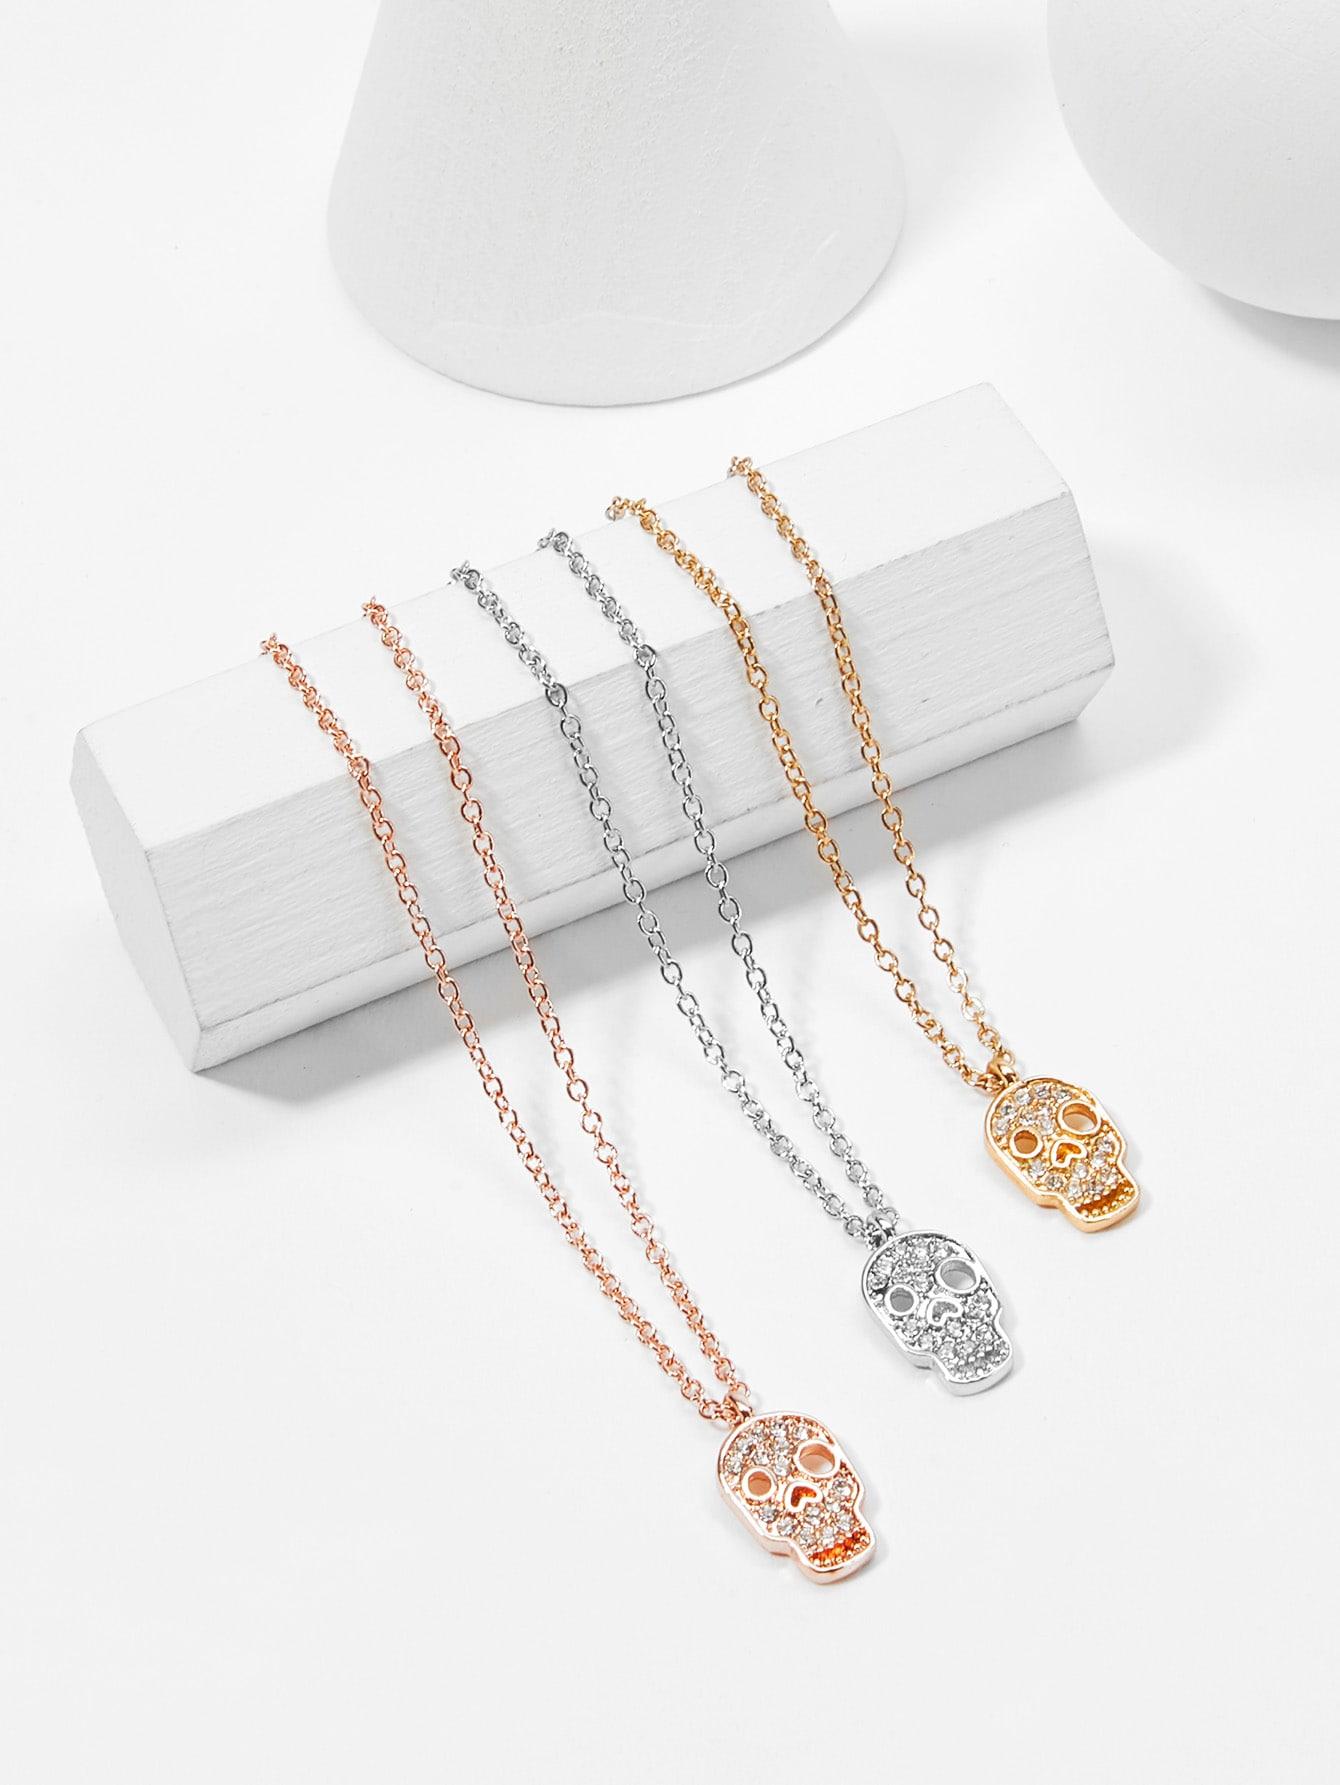 Skeleton Detail Pendant Necklace Set 3pcs hollow heart pendant necklace set 3pcs